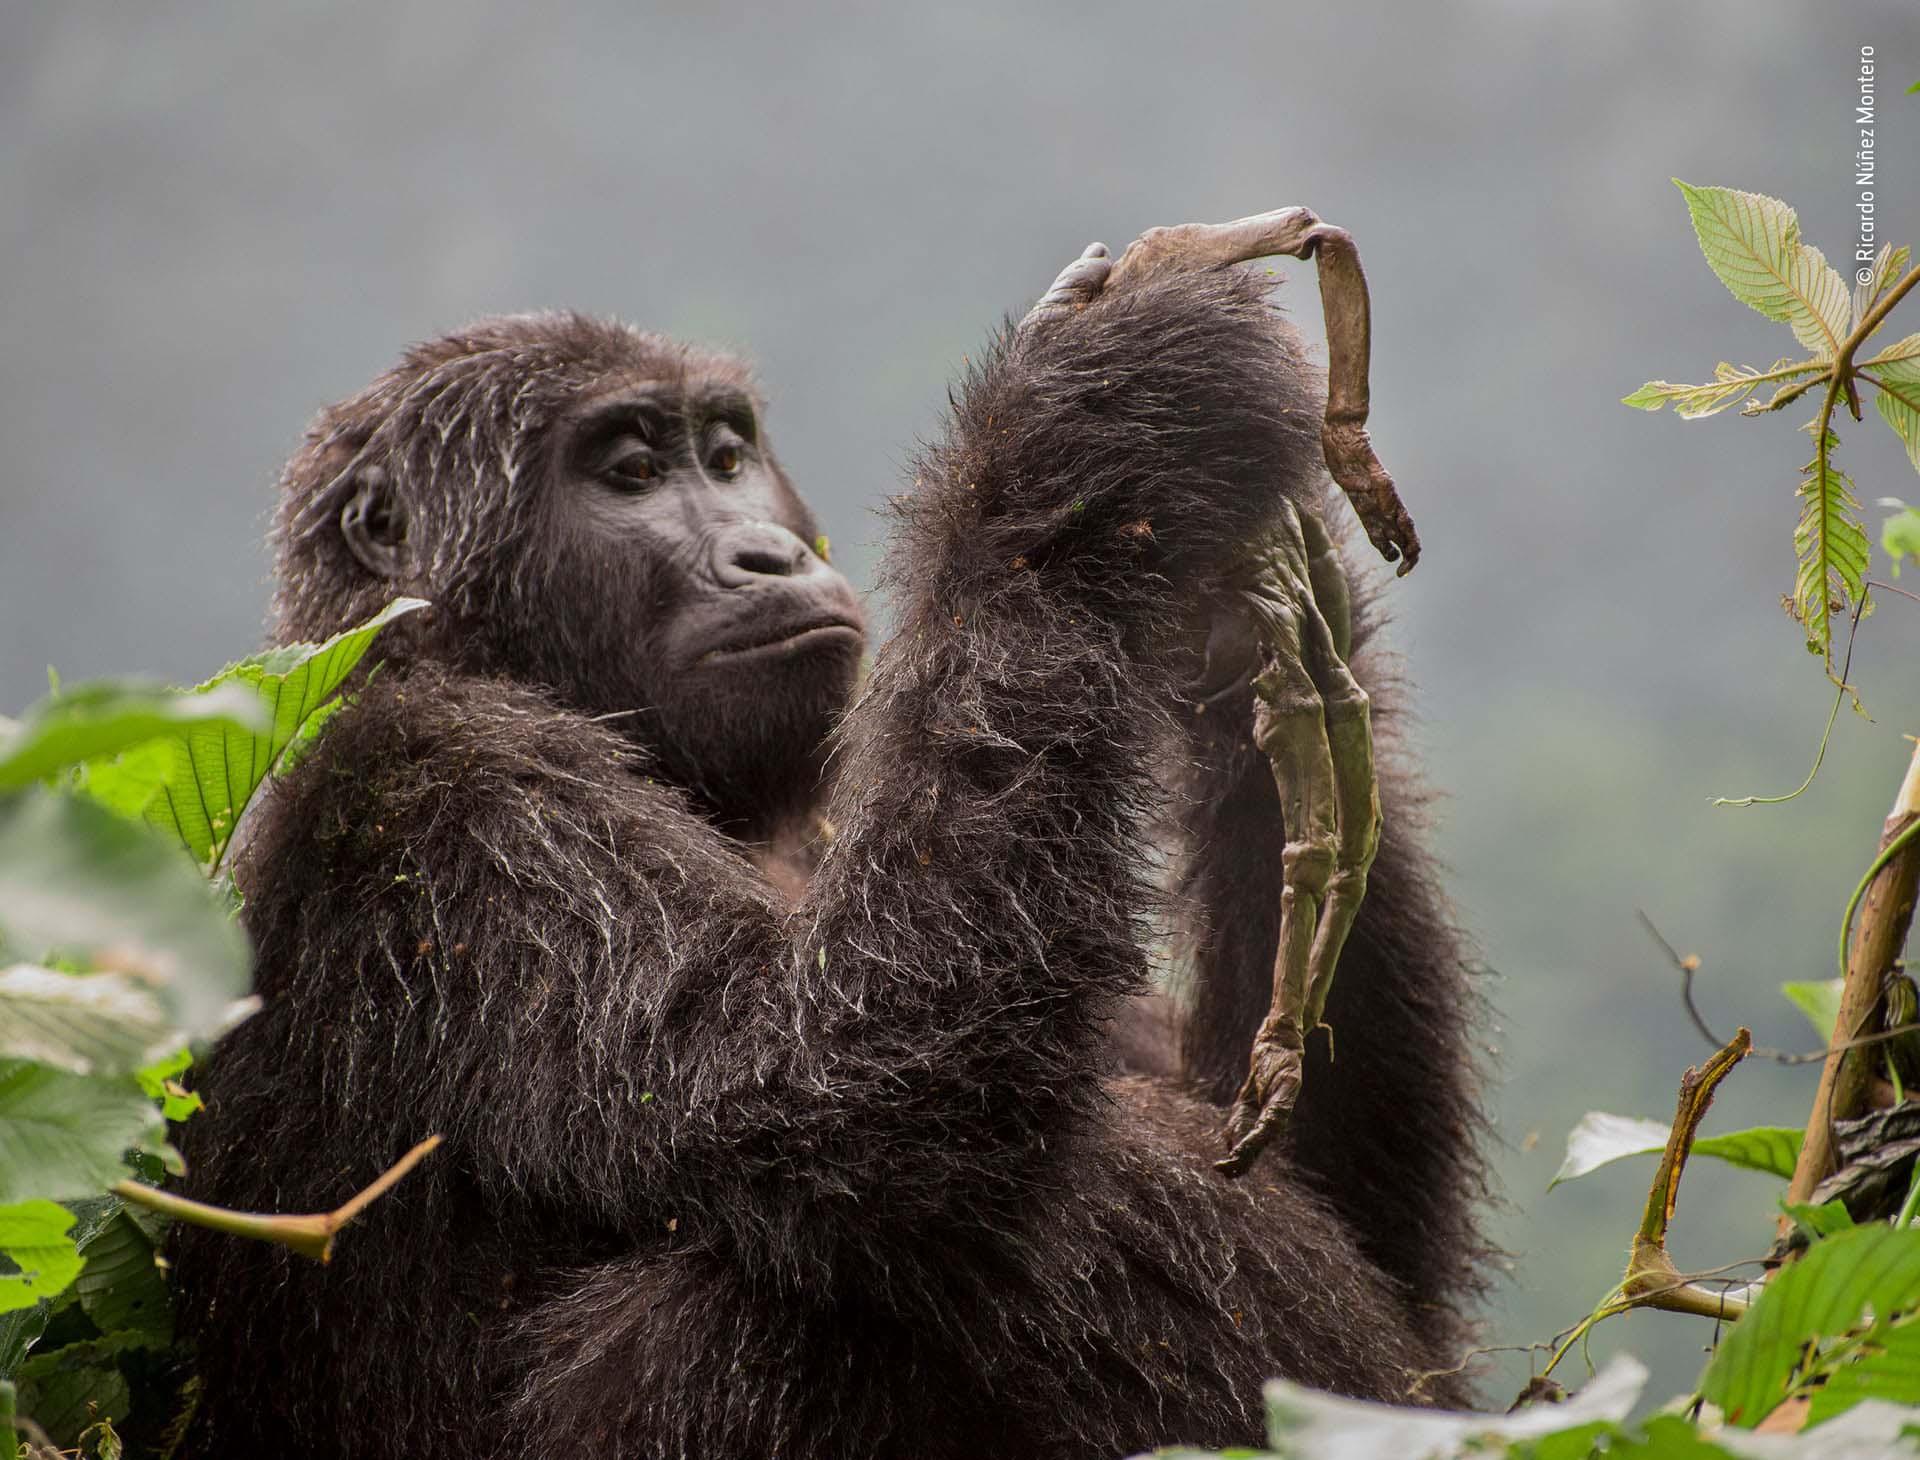 'Kuhirwa llora a su bebé': Una joven gorila de montaña, no renuncia a su bebé muerto, e inicialmente acurrucó y arregló el pequeño cadáver, llevándolo a cuestas como las otras madres. Semanas más tarde, comenzó a comer lo que quedaba de él. Forzado por la poca luz, Ricardo Núñez Montero se concentró en el cuerpo de la cría